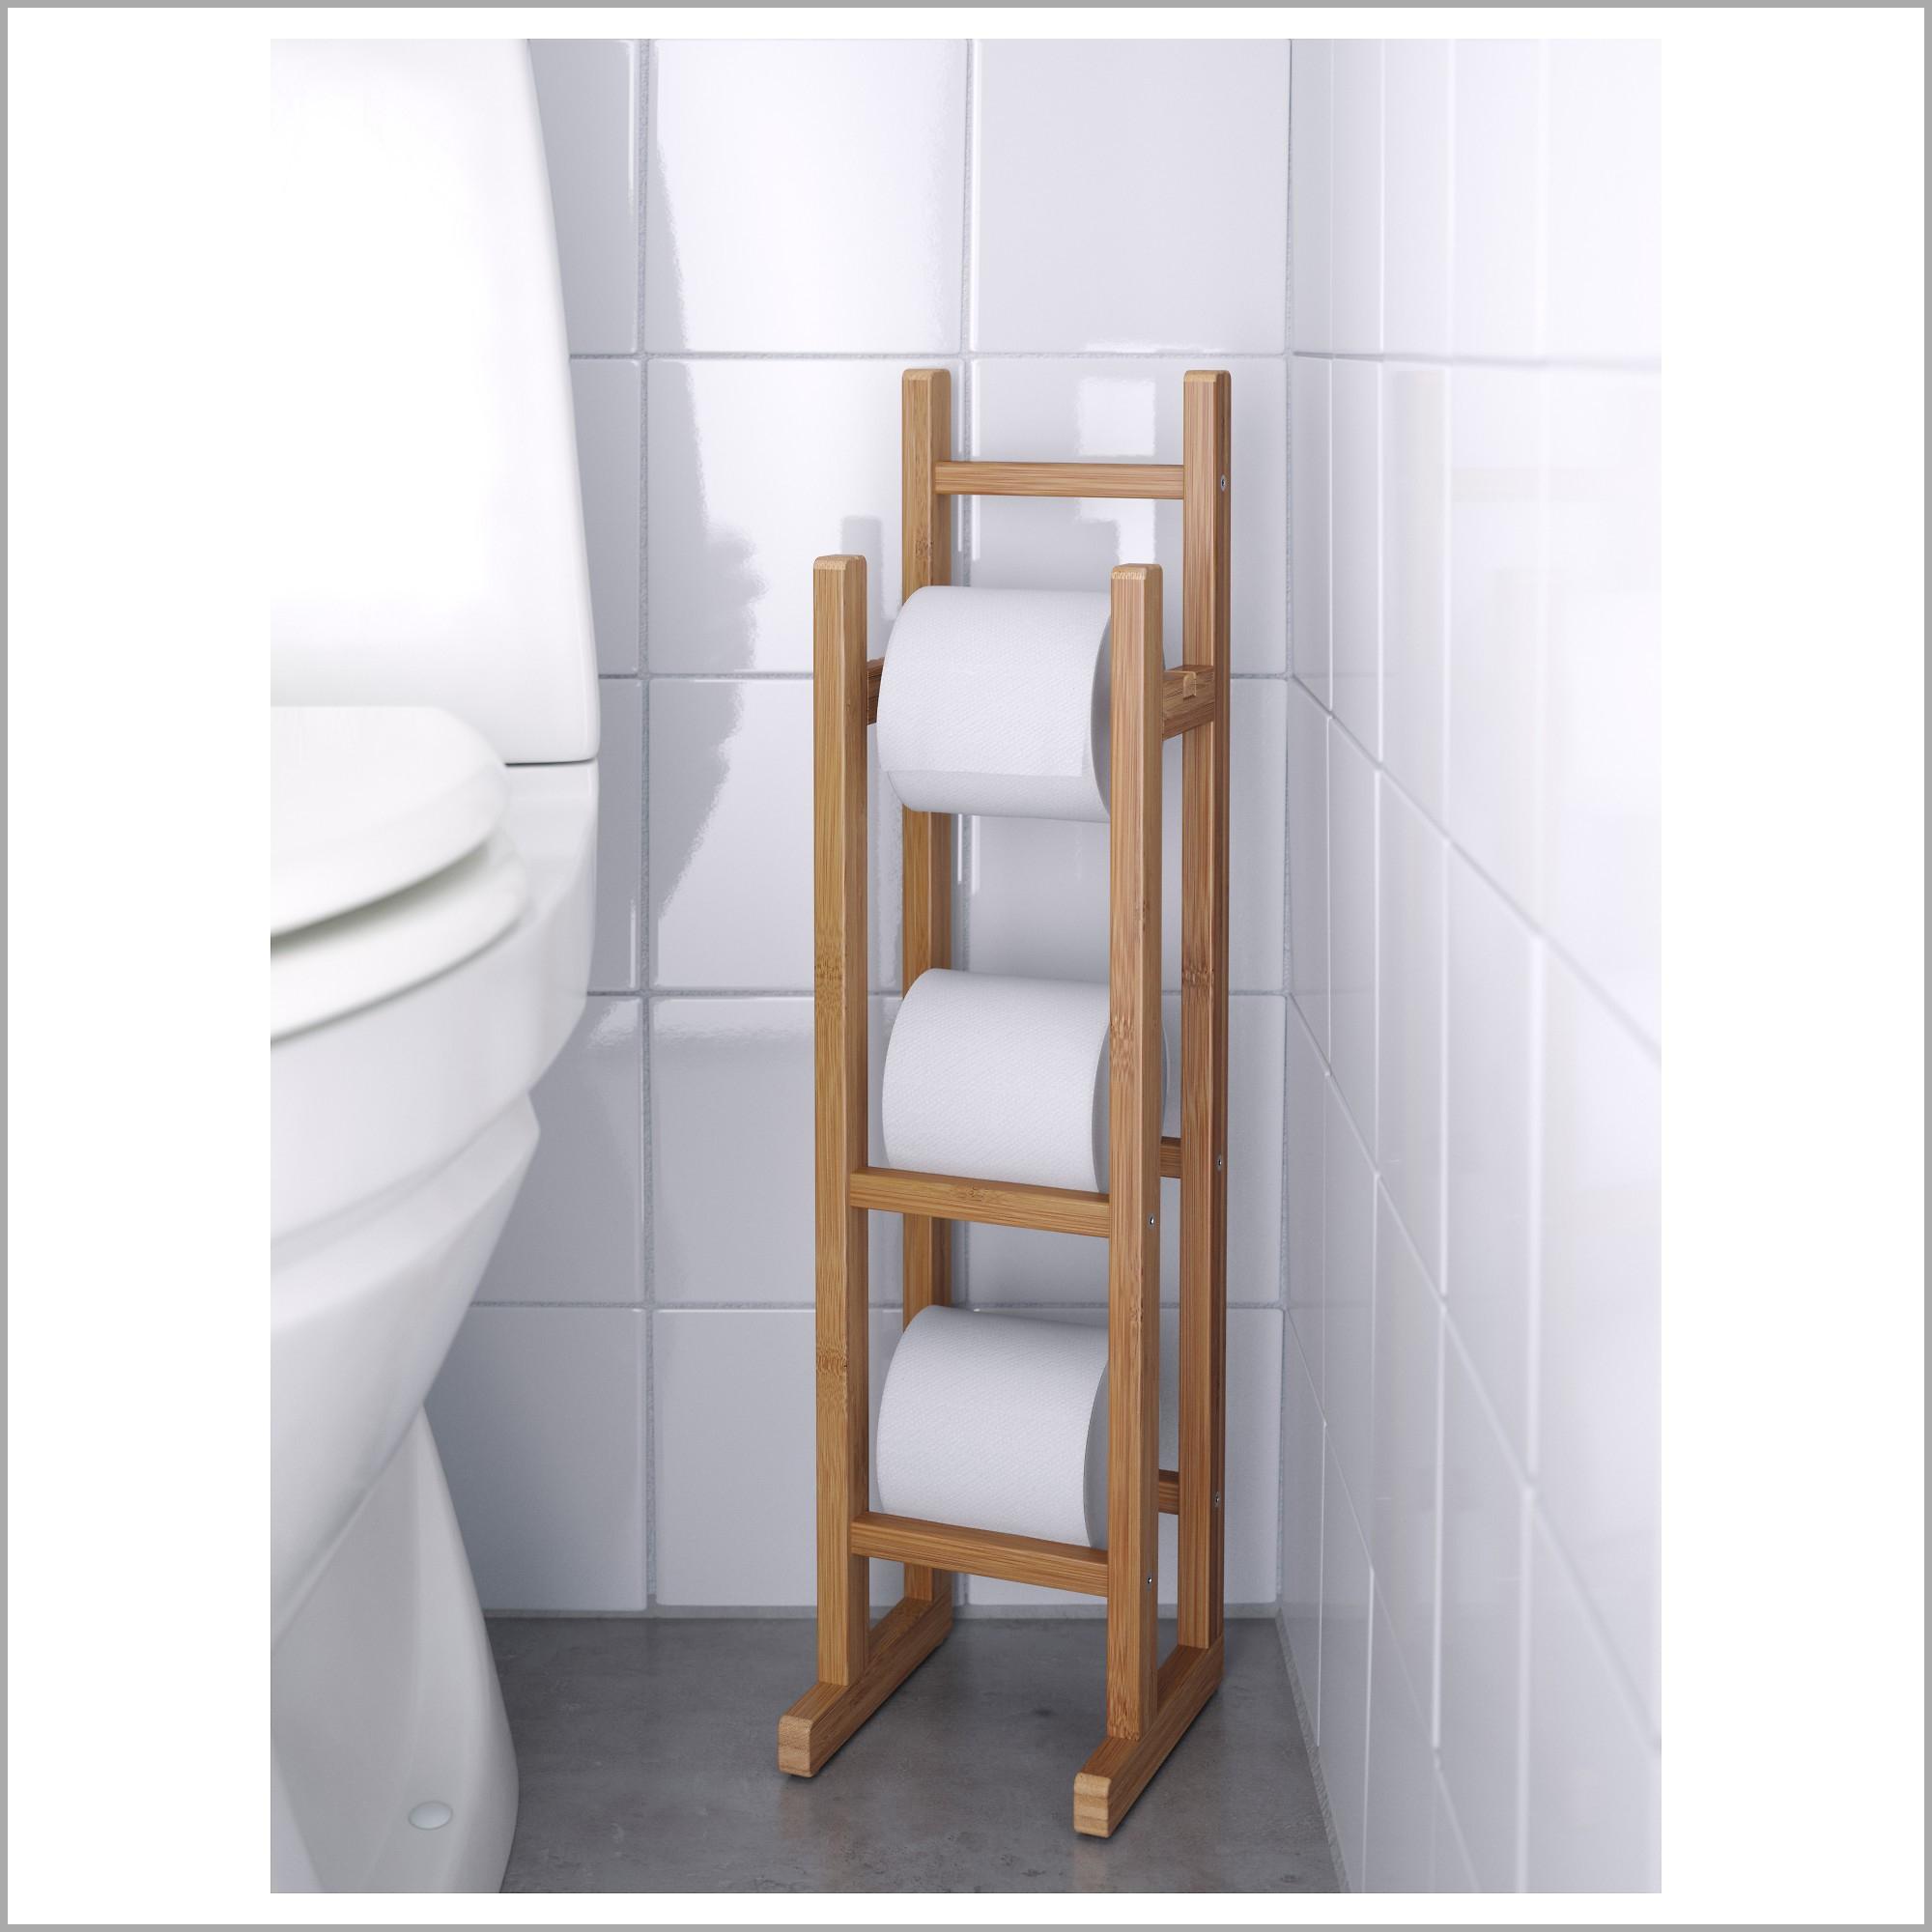 Tapis Contour Wc Bambou Élégant Images Tapis Bambou Ikea élégant Tapis De Bain Bambou Galerie De